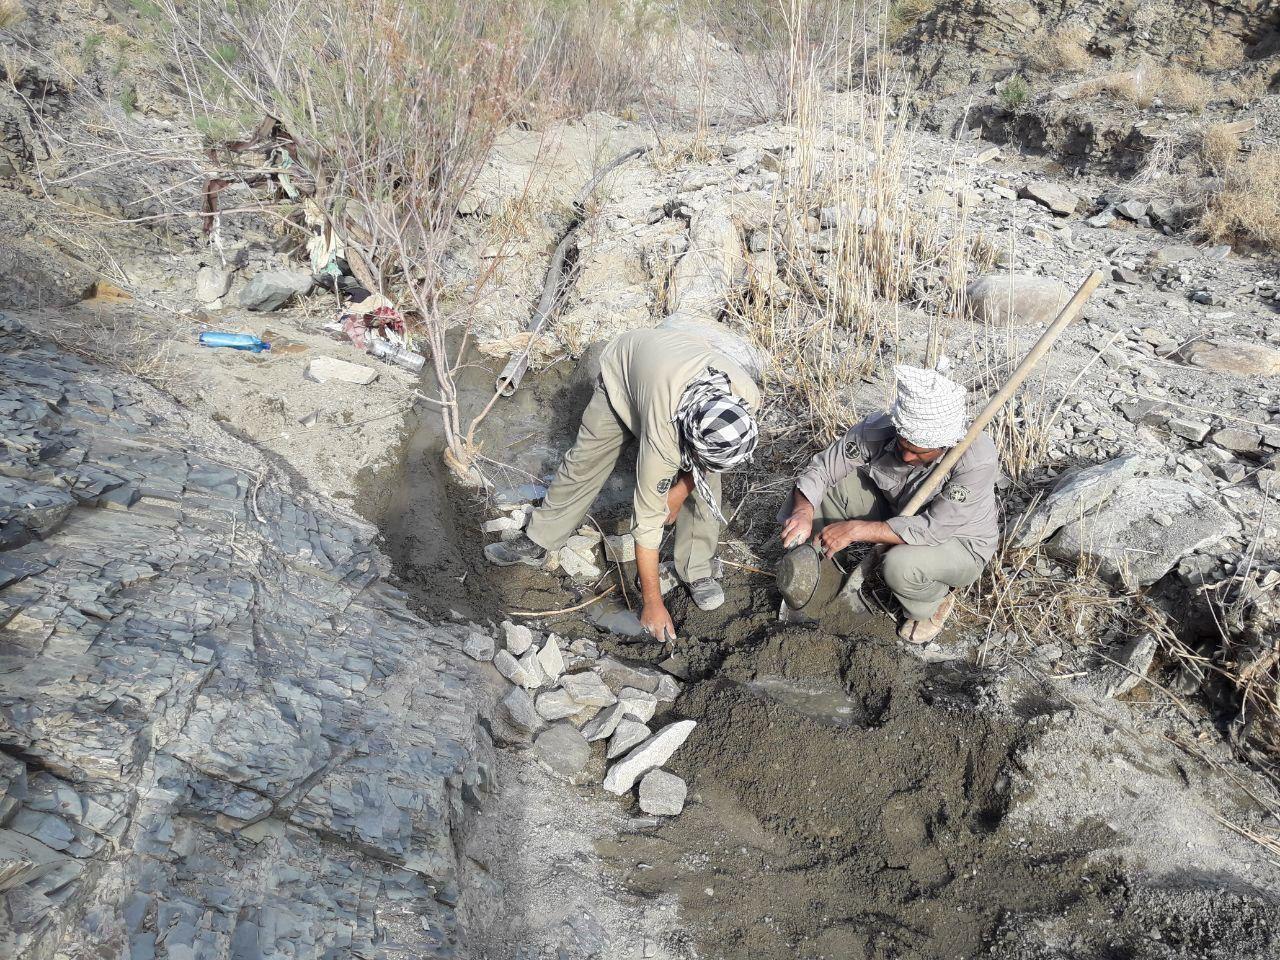 بهسازی یک دهنه چشمه در مناطق صعب العبور کوهستانی شهرستان زاهدان